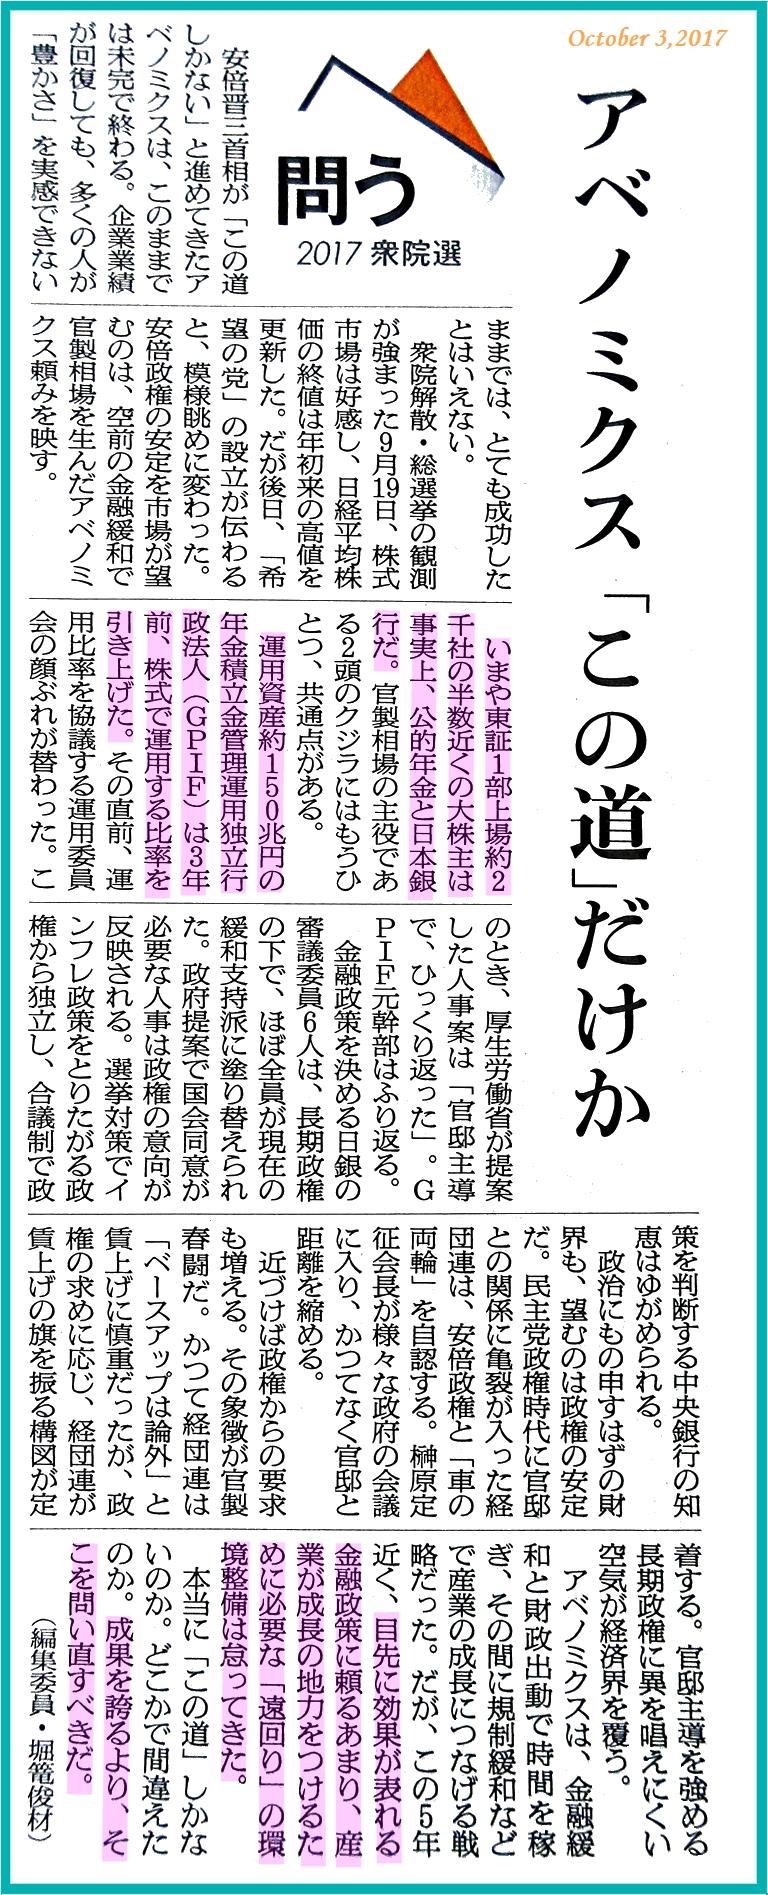 画像13(朝日新聞記事)